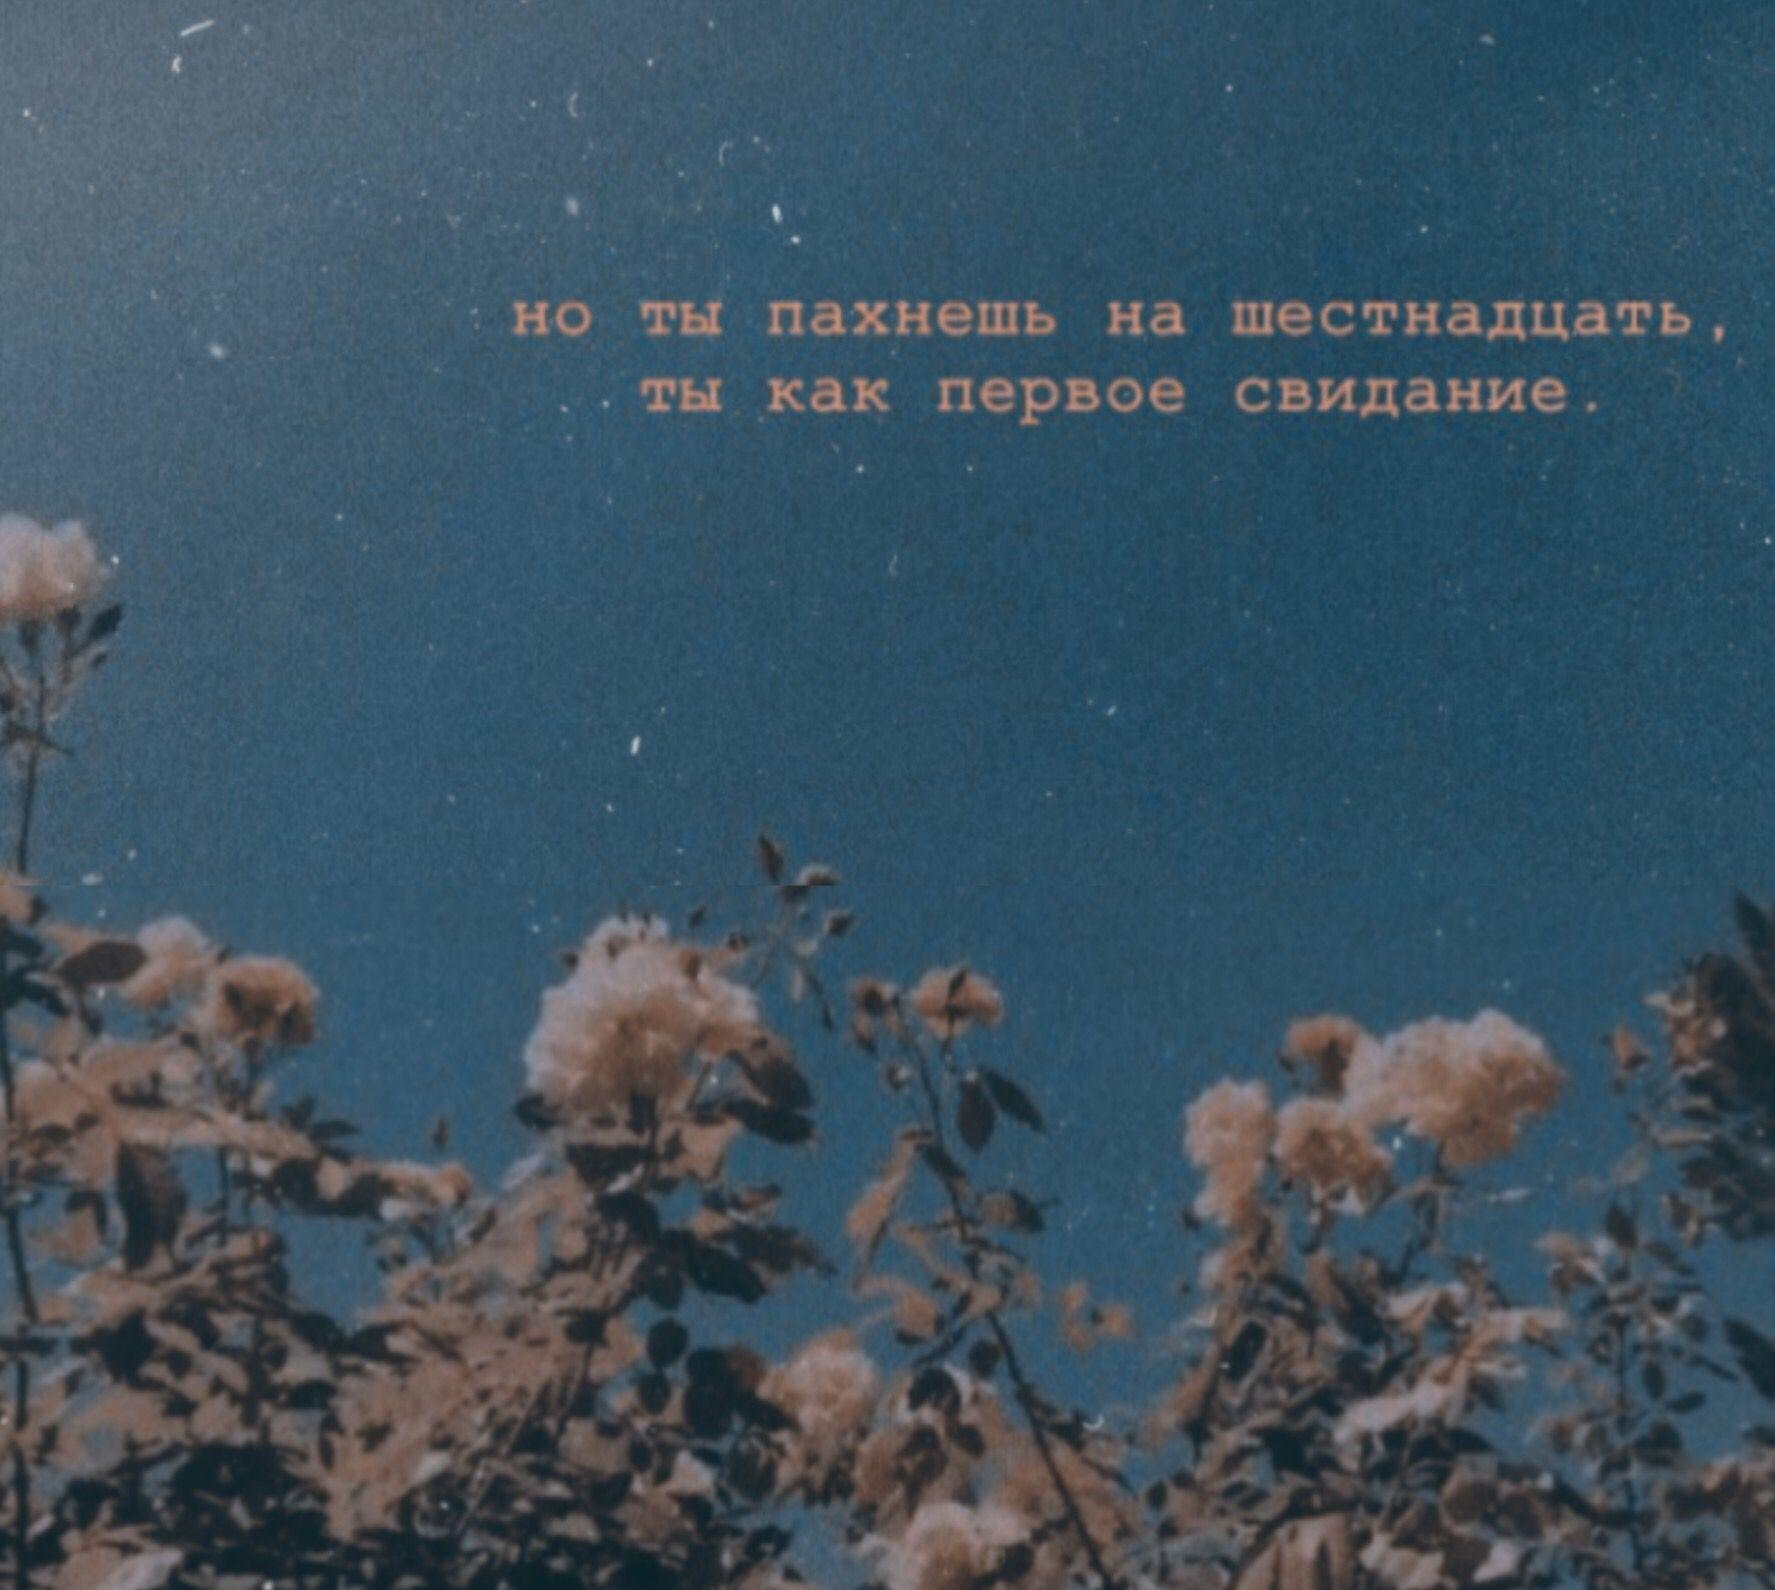 эстетика #цитаты #любовь #втихøмøмуте | Короткие цитаты, Подростковые цитаты, Великие цитаты